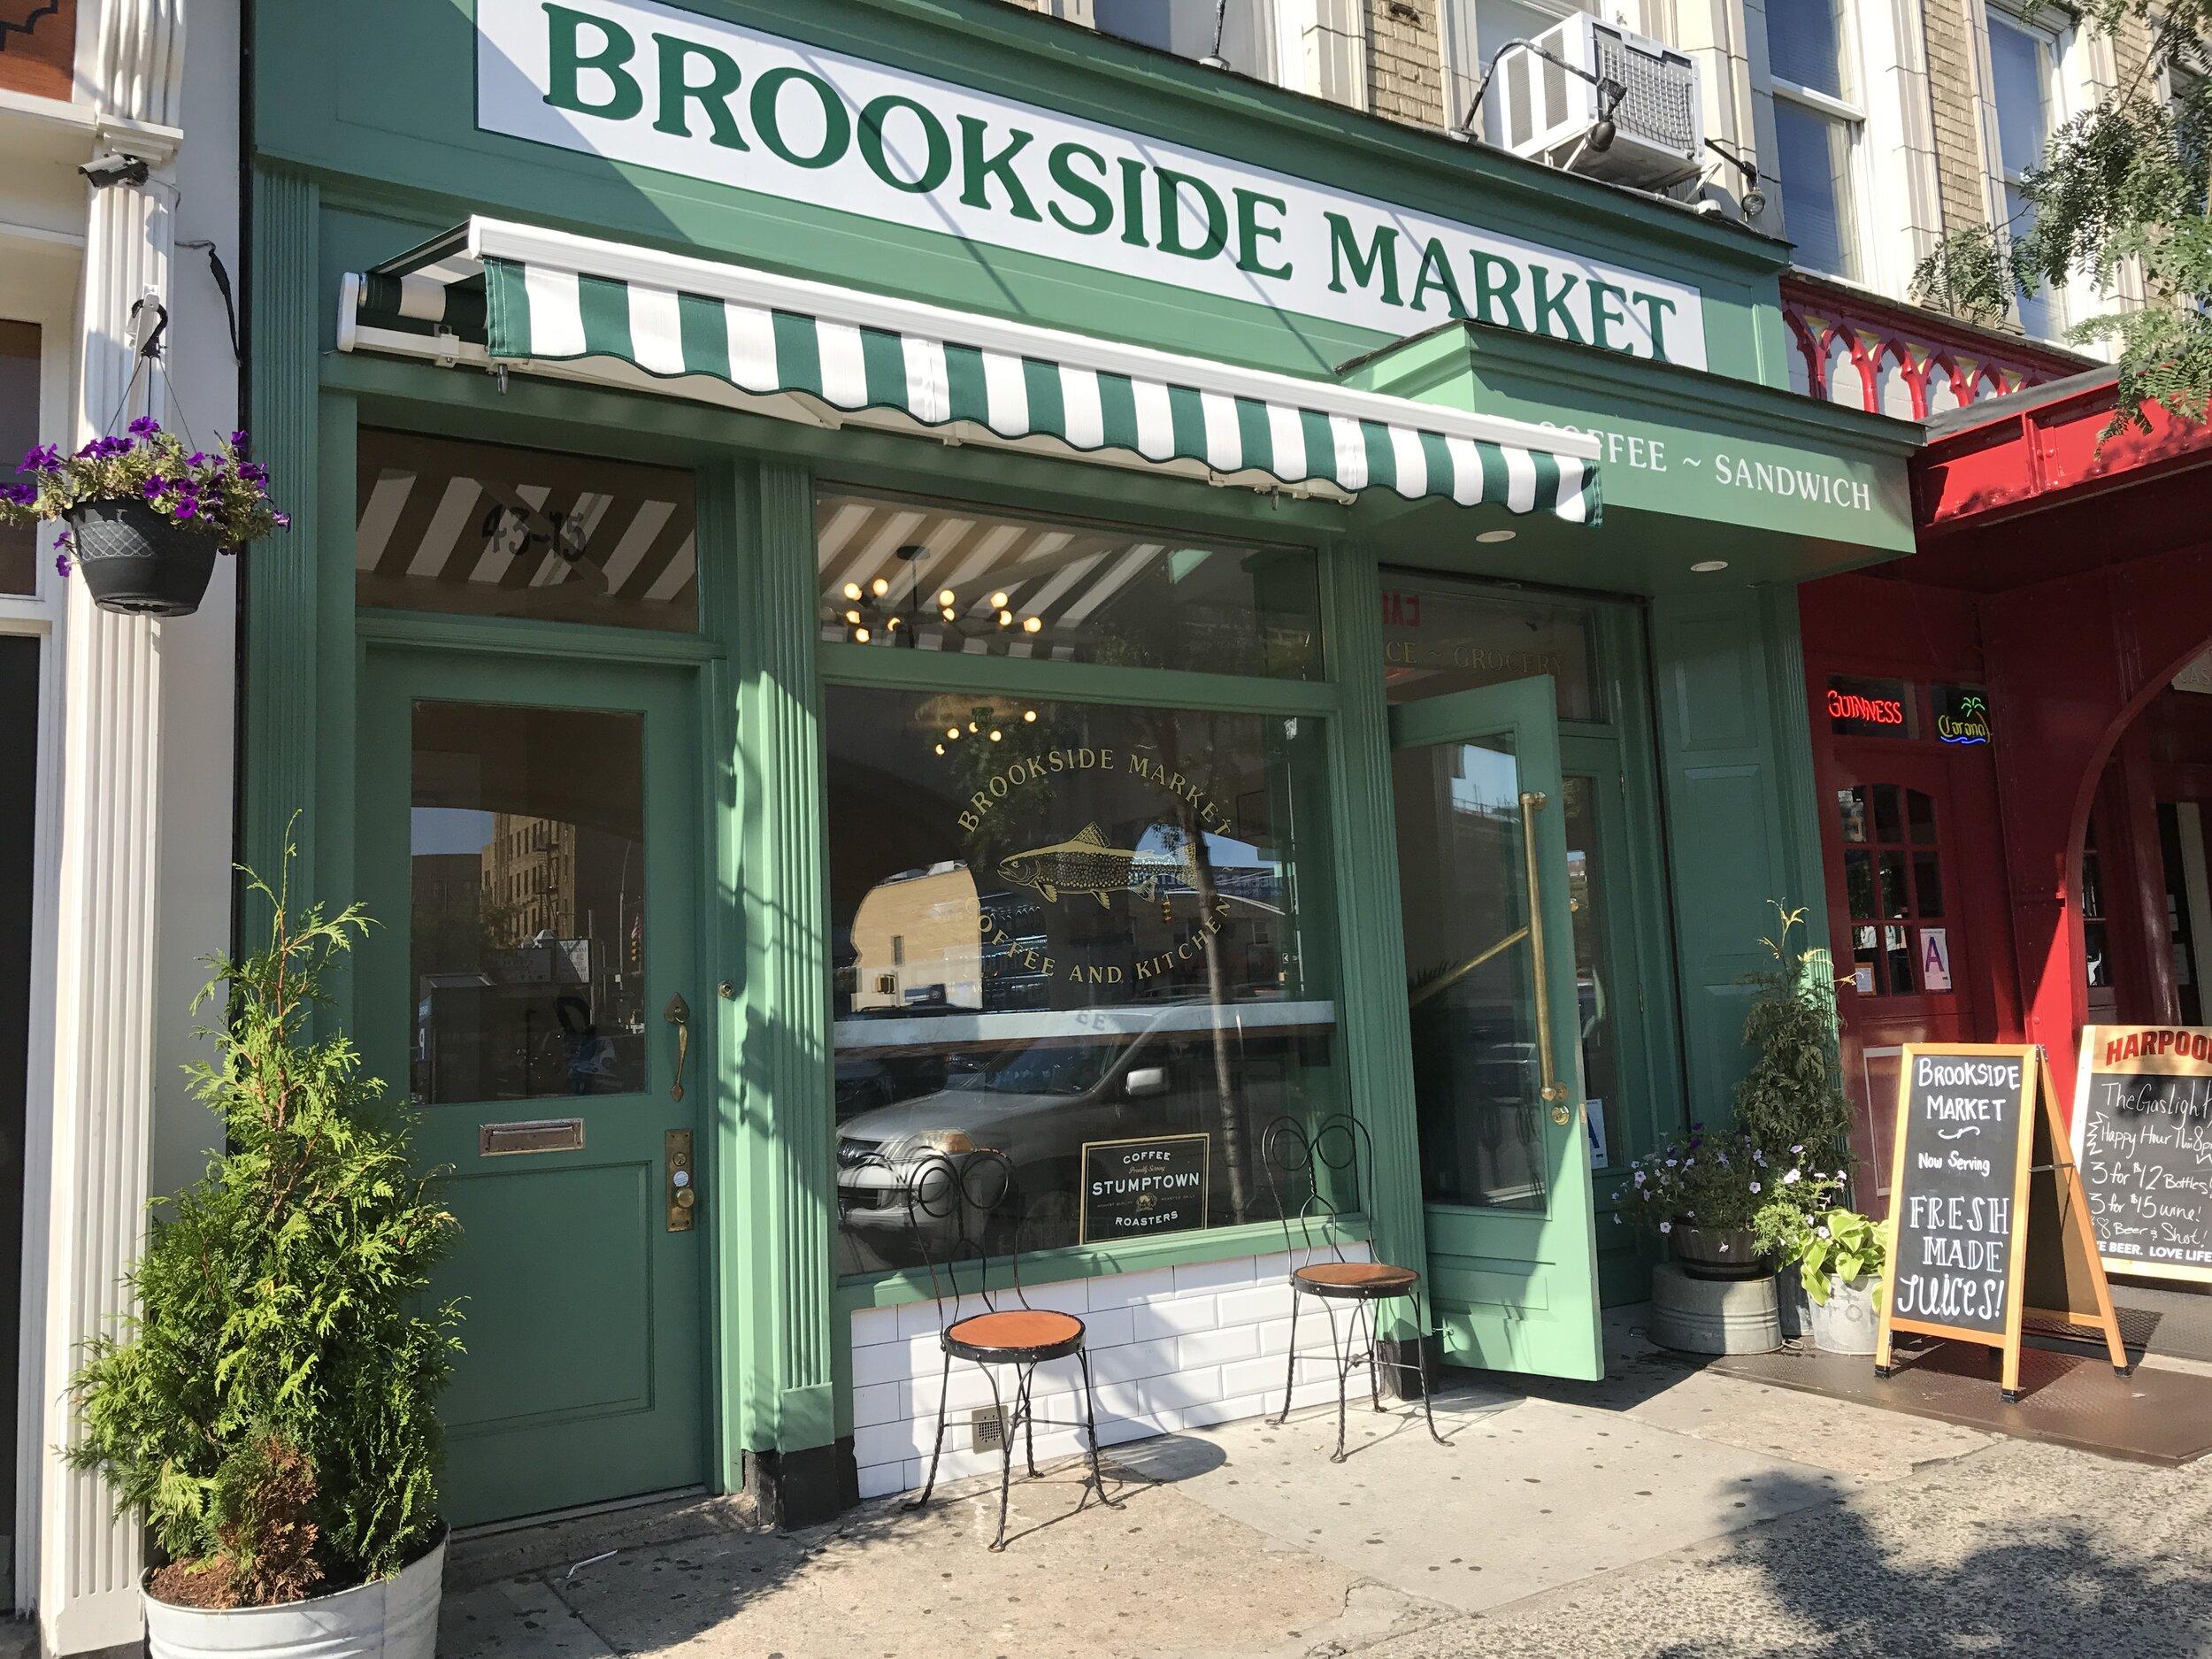 Brookside market sunnyside queens